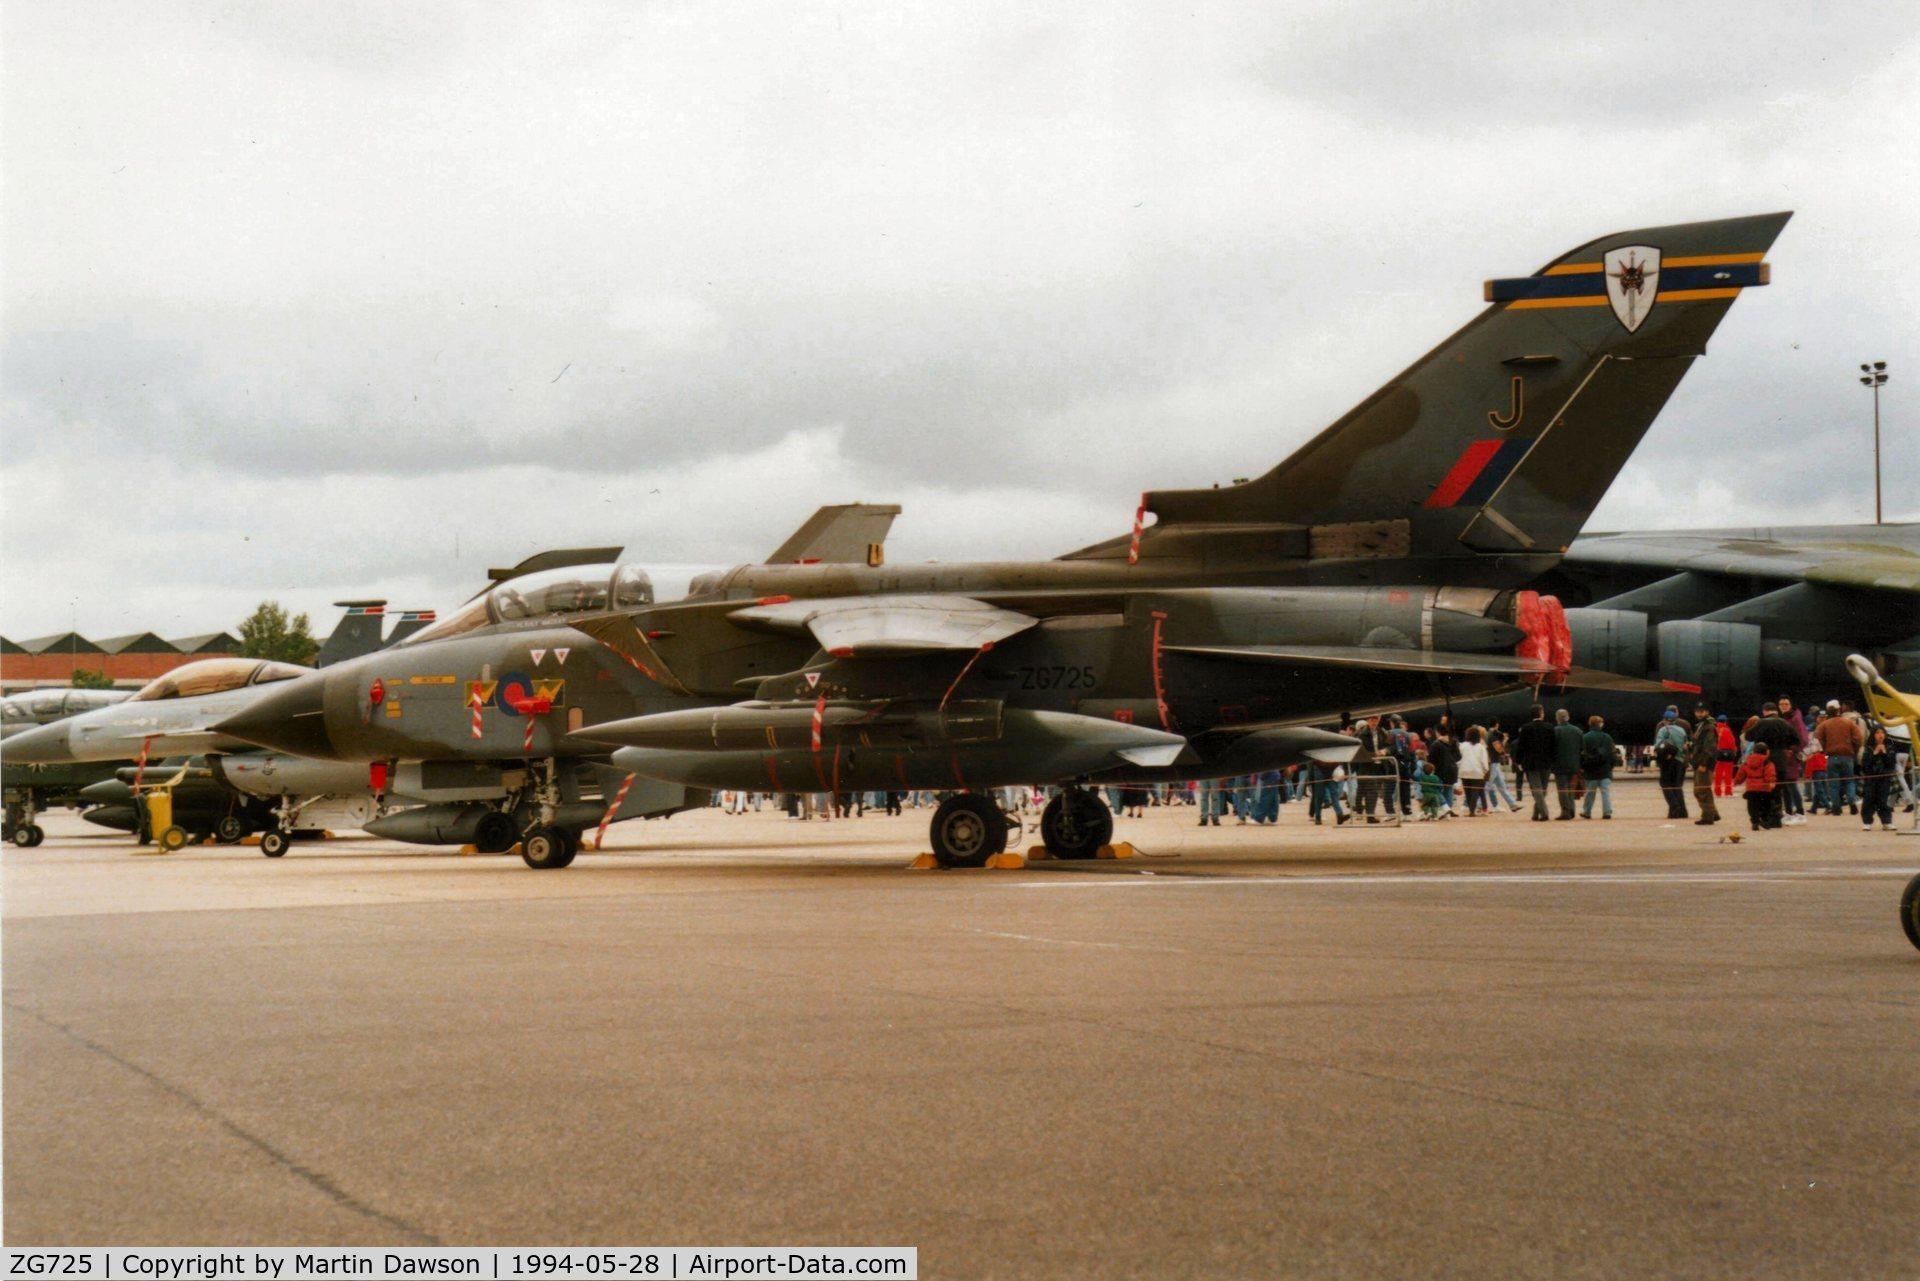 ZG725, 1990 Panavia Tornado GR.1A C/N 828/BS182/3399, RAF Mildenhall Saturday 28 May 1994. ZG725/J RAF No.13 Sqn, RAF Marham. Camera- Olympus OM-2n